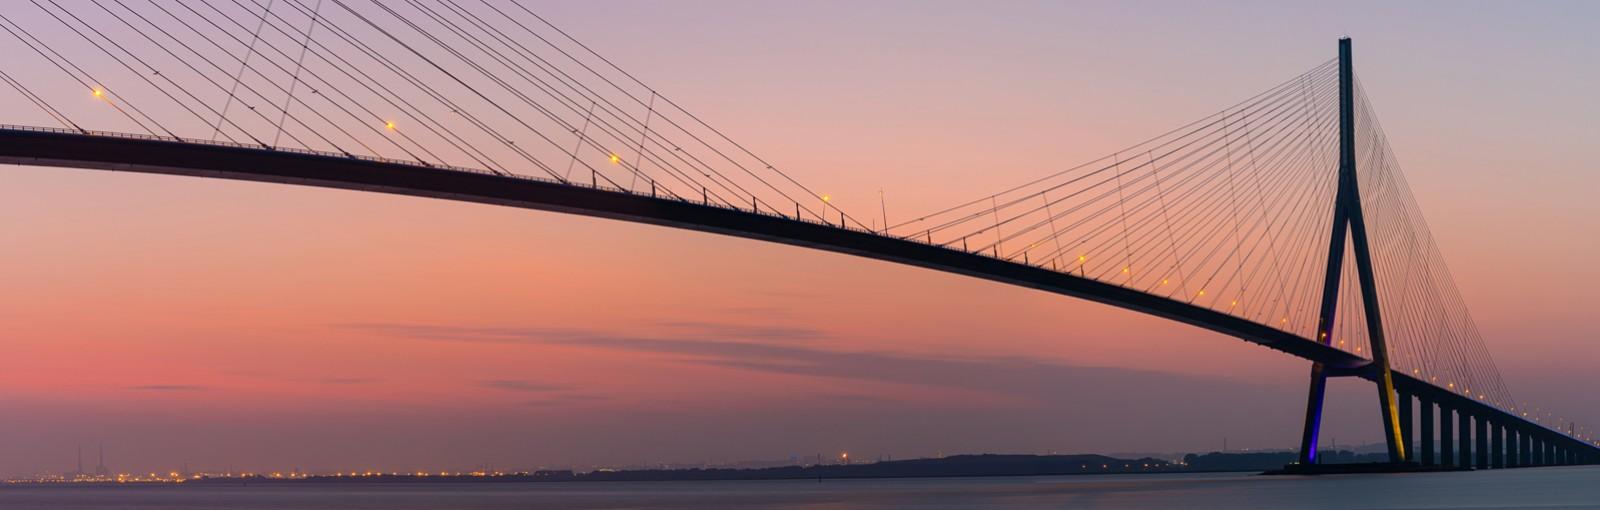 Le Pont de Normandie - Estuaire de la Seine